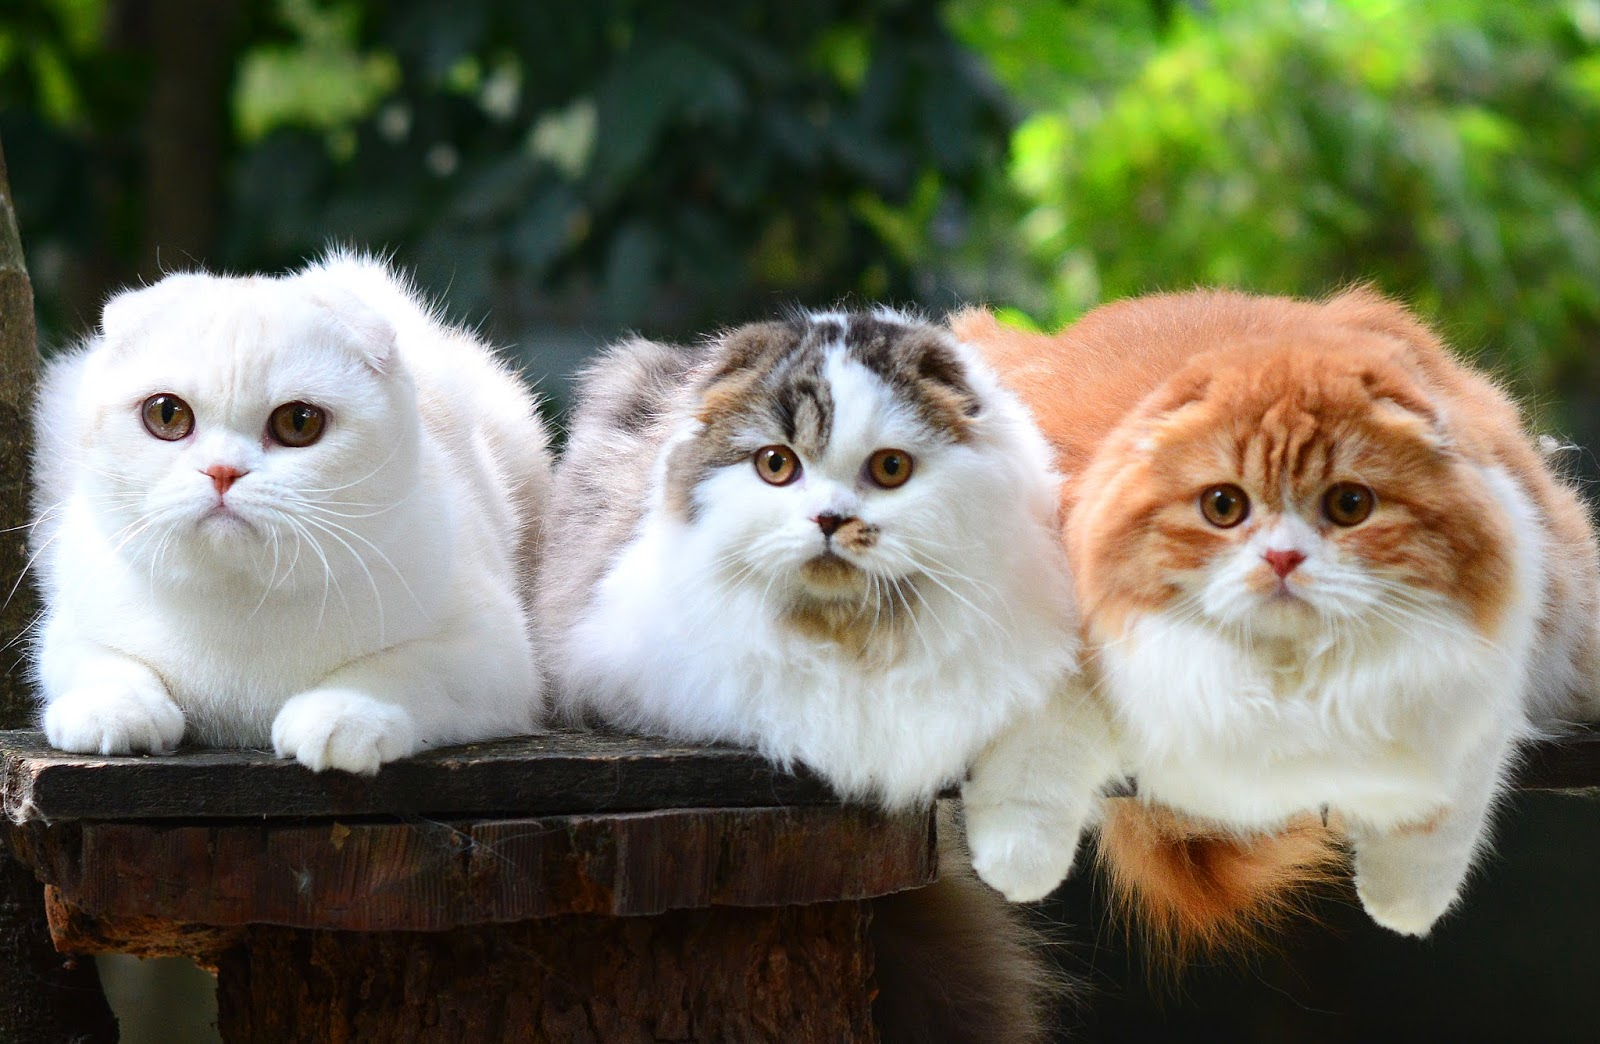 Sukses Beternak Kucing Ras Kumpulan Artikel Kucing Perawatan Kucing 10 Kucing Ter Favorit Di Indonesia Th 2017